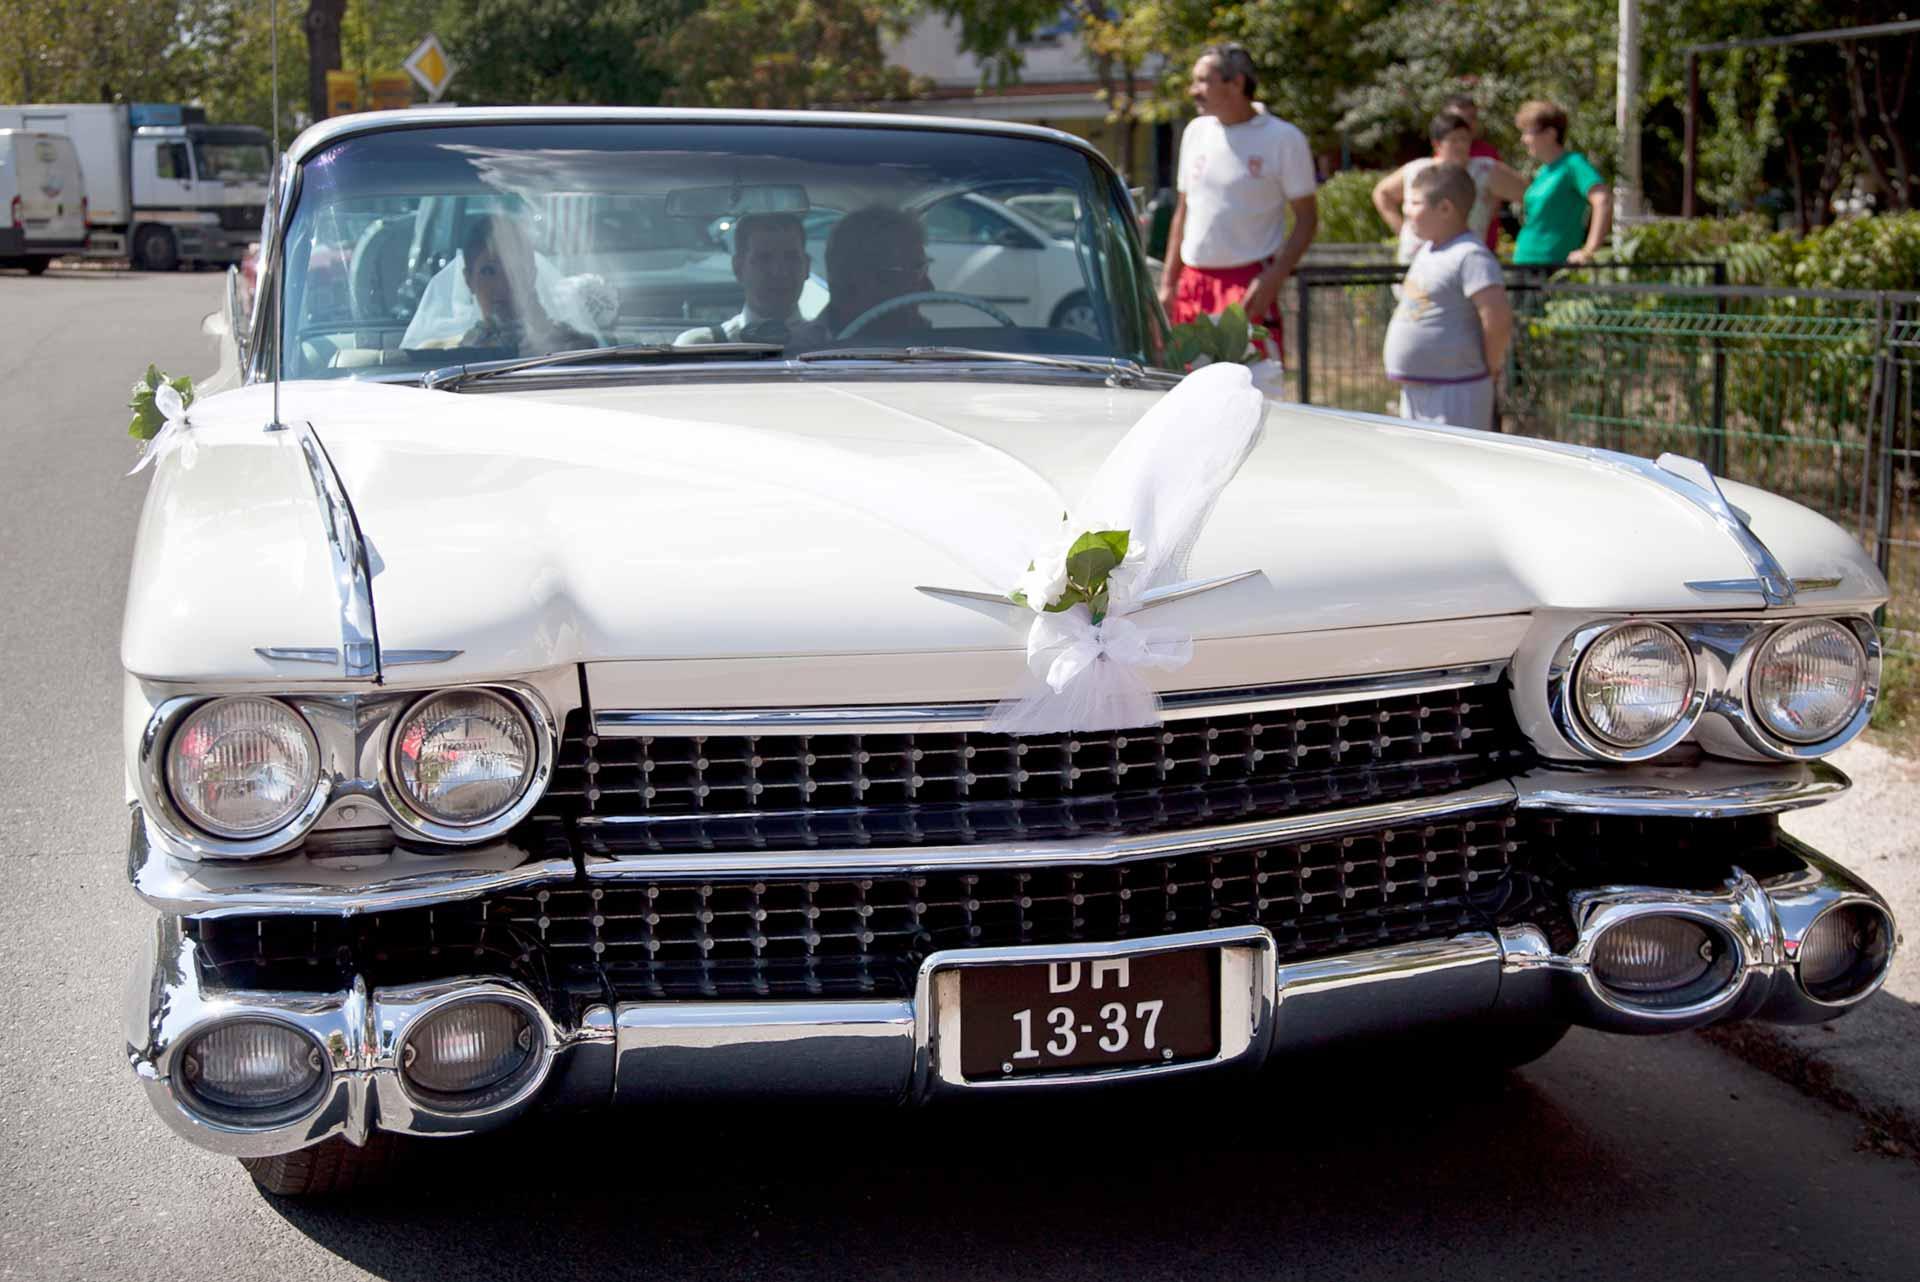 Mașină de epocă Cadillac DeVille, 1959